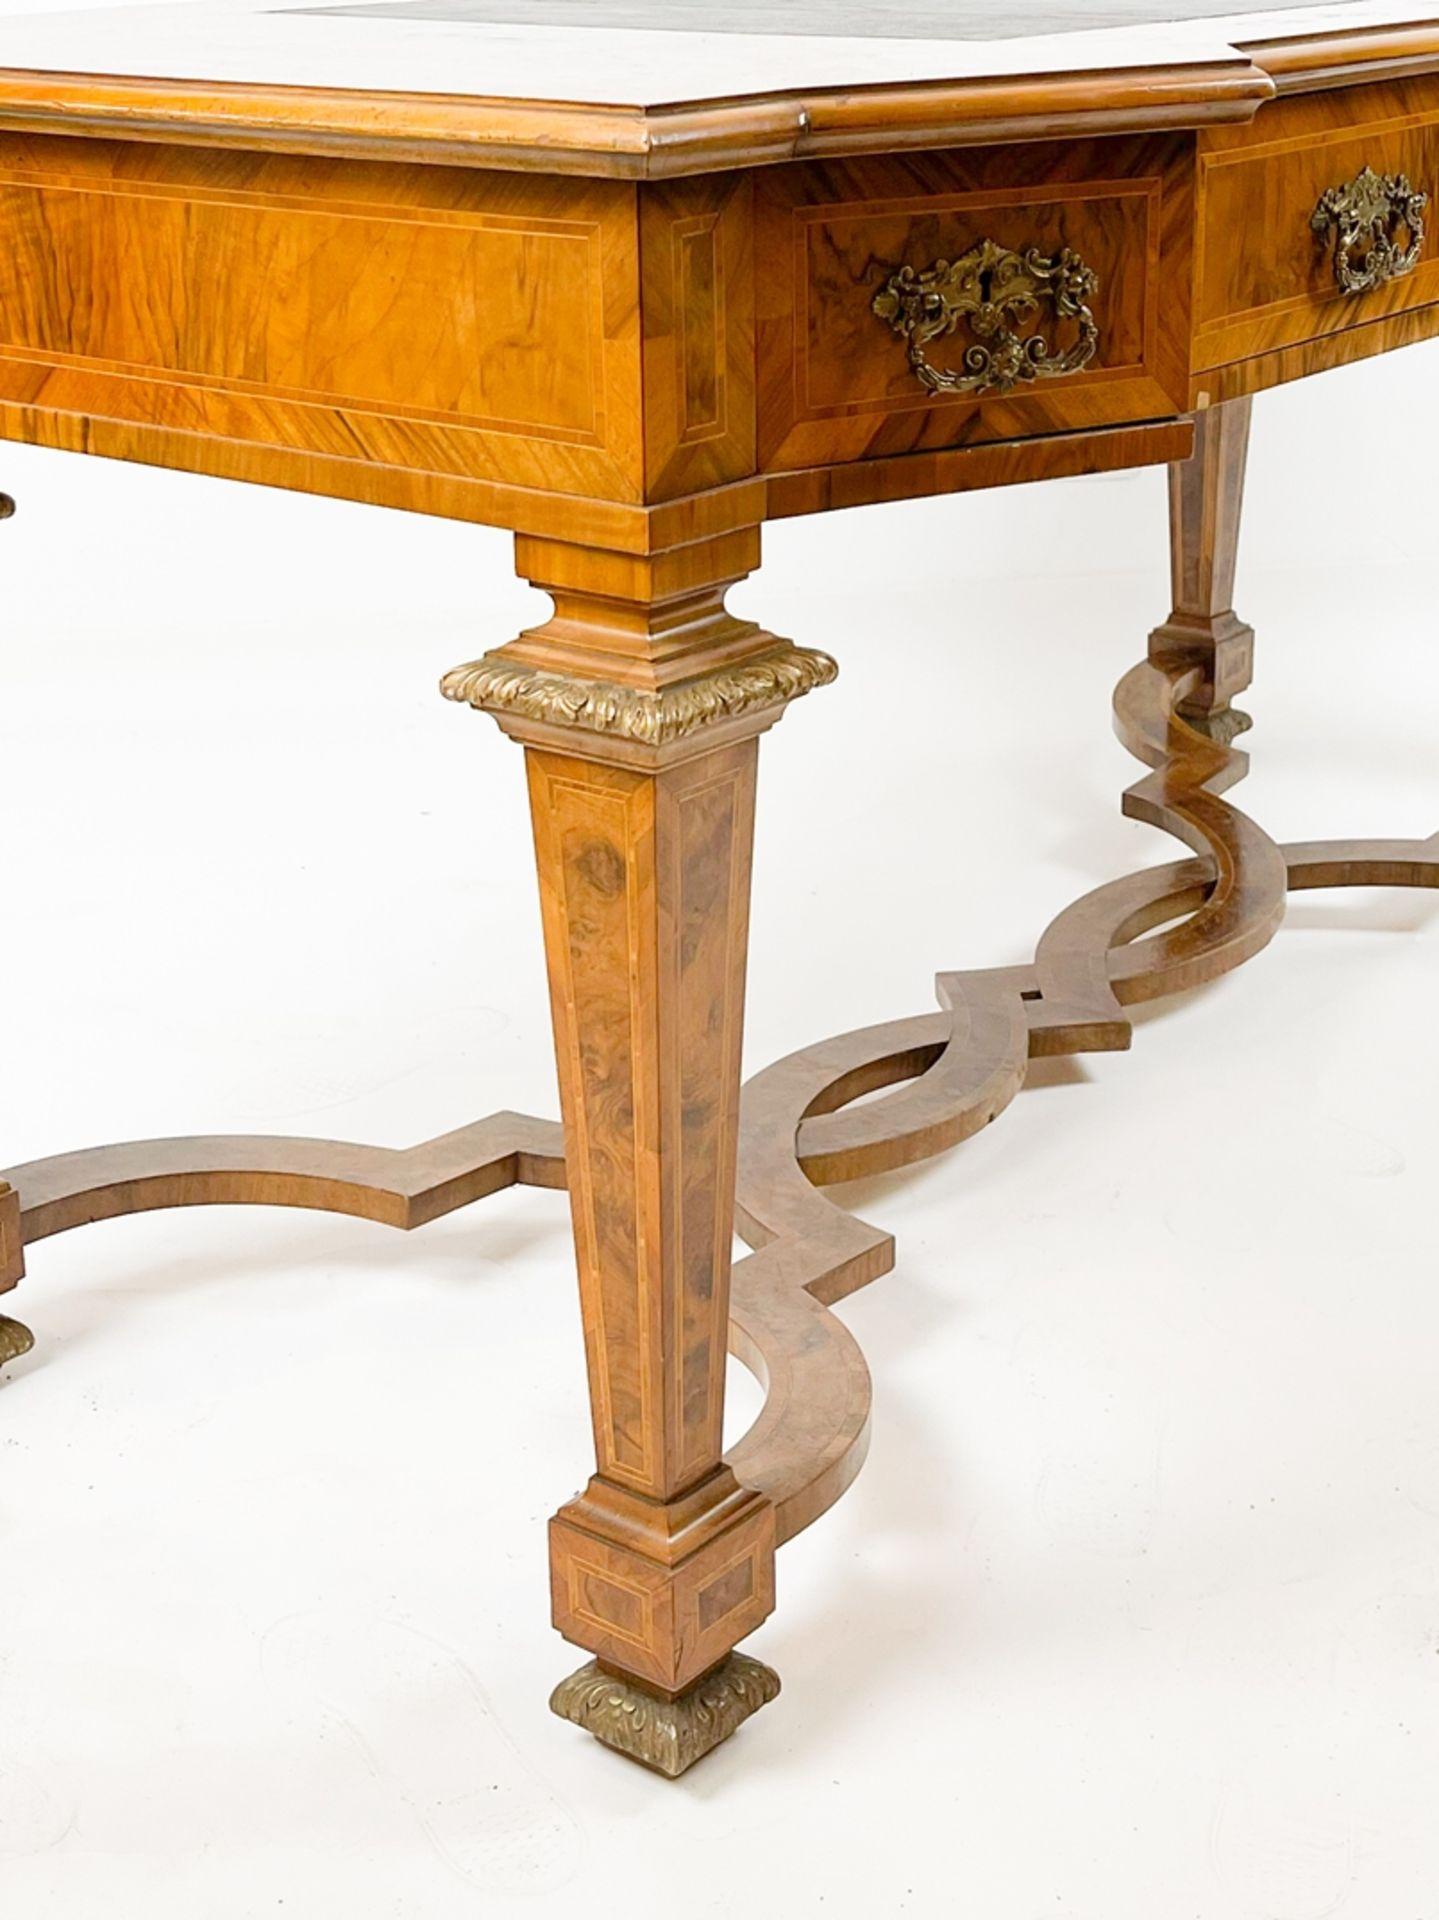 Prunkvoller intarsierter barocker Schreibtisch - Bild 3 aus 4